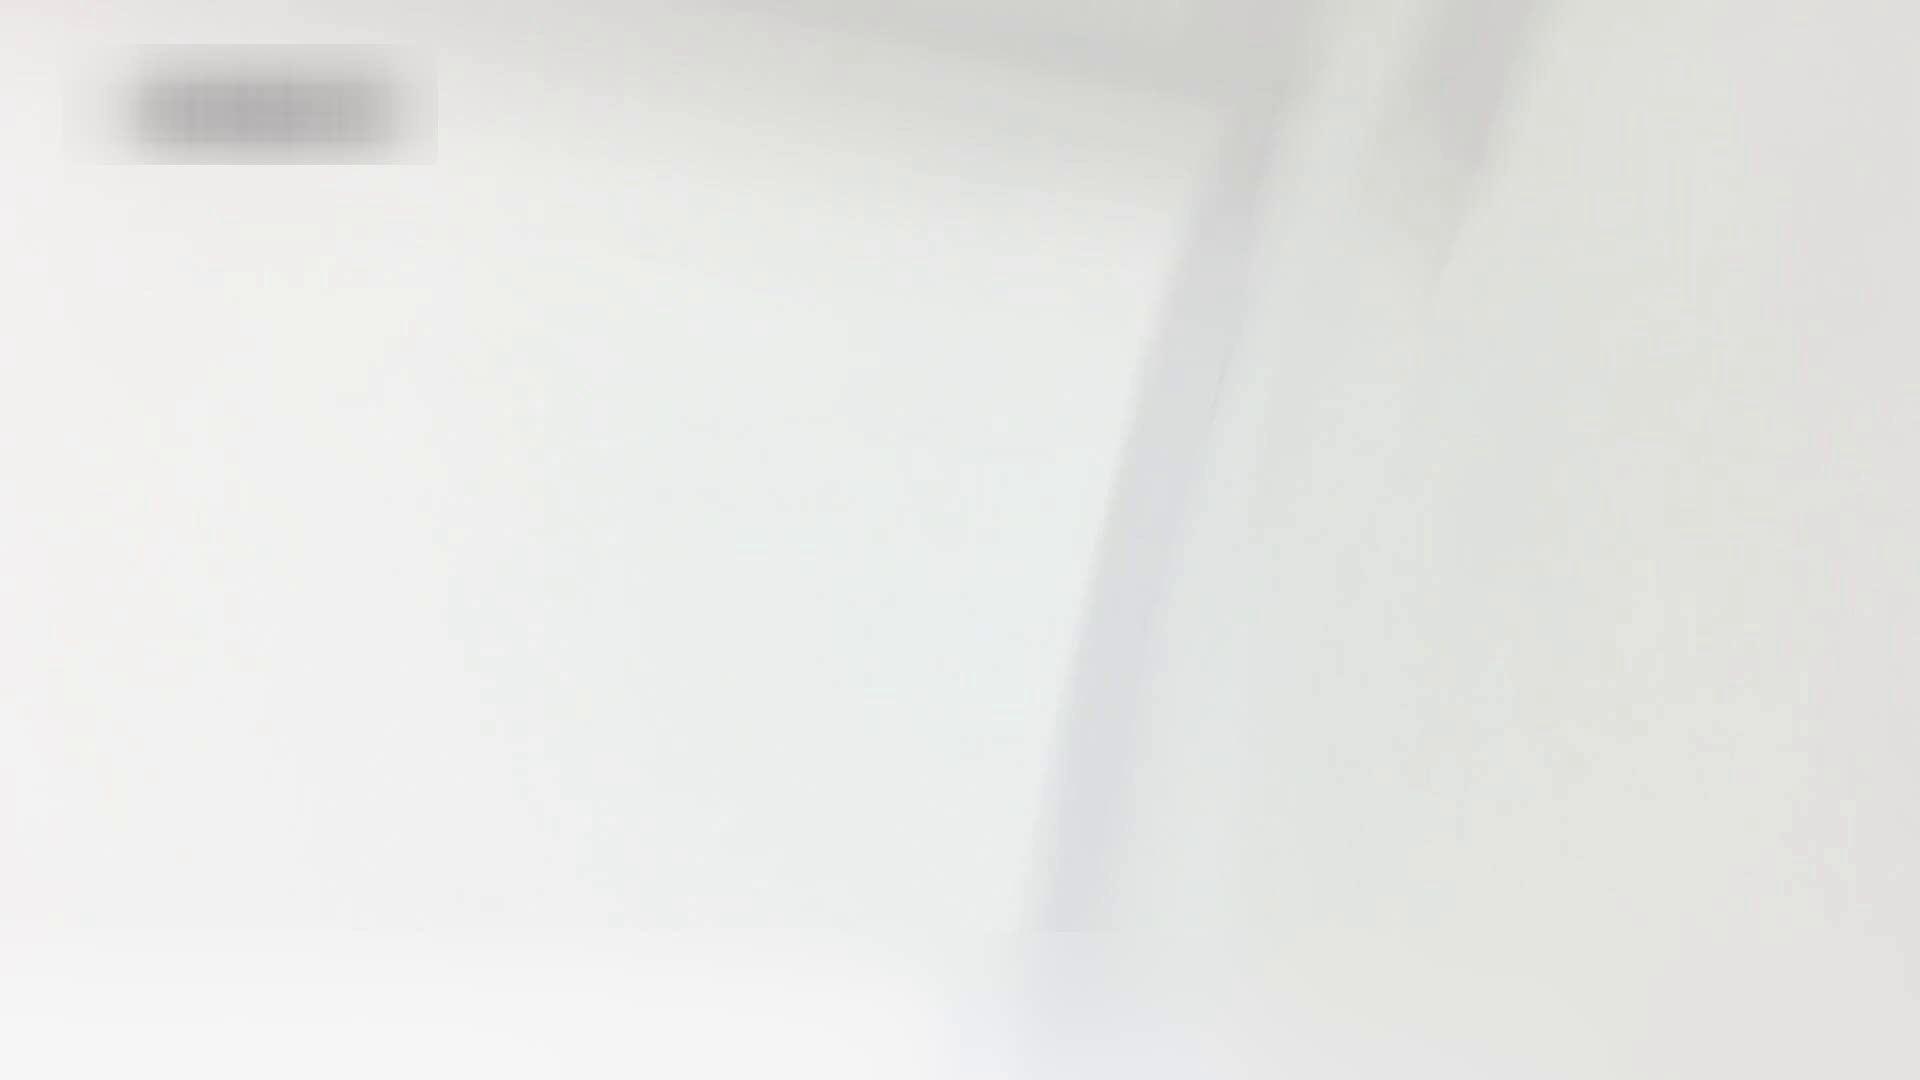 お姉さんの恥便所盗撮! Vol.24 OL女体 おまんこ無修正動画無料 89連発 68